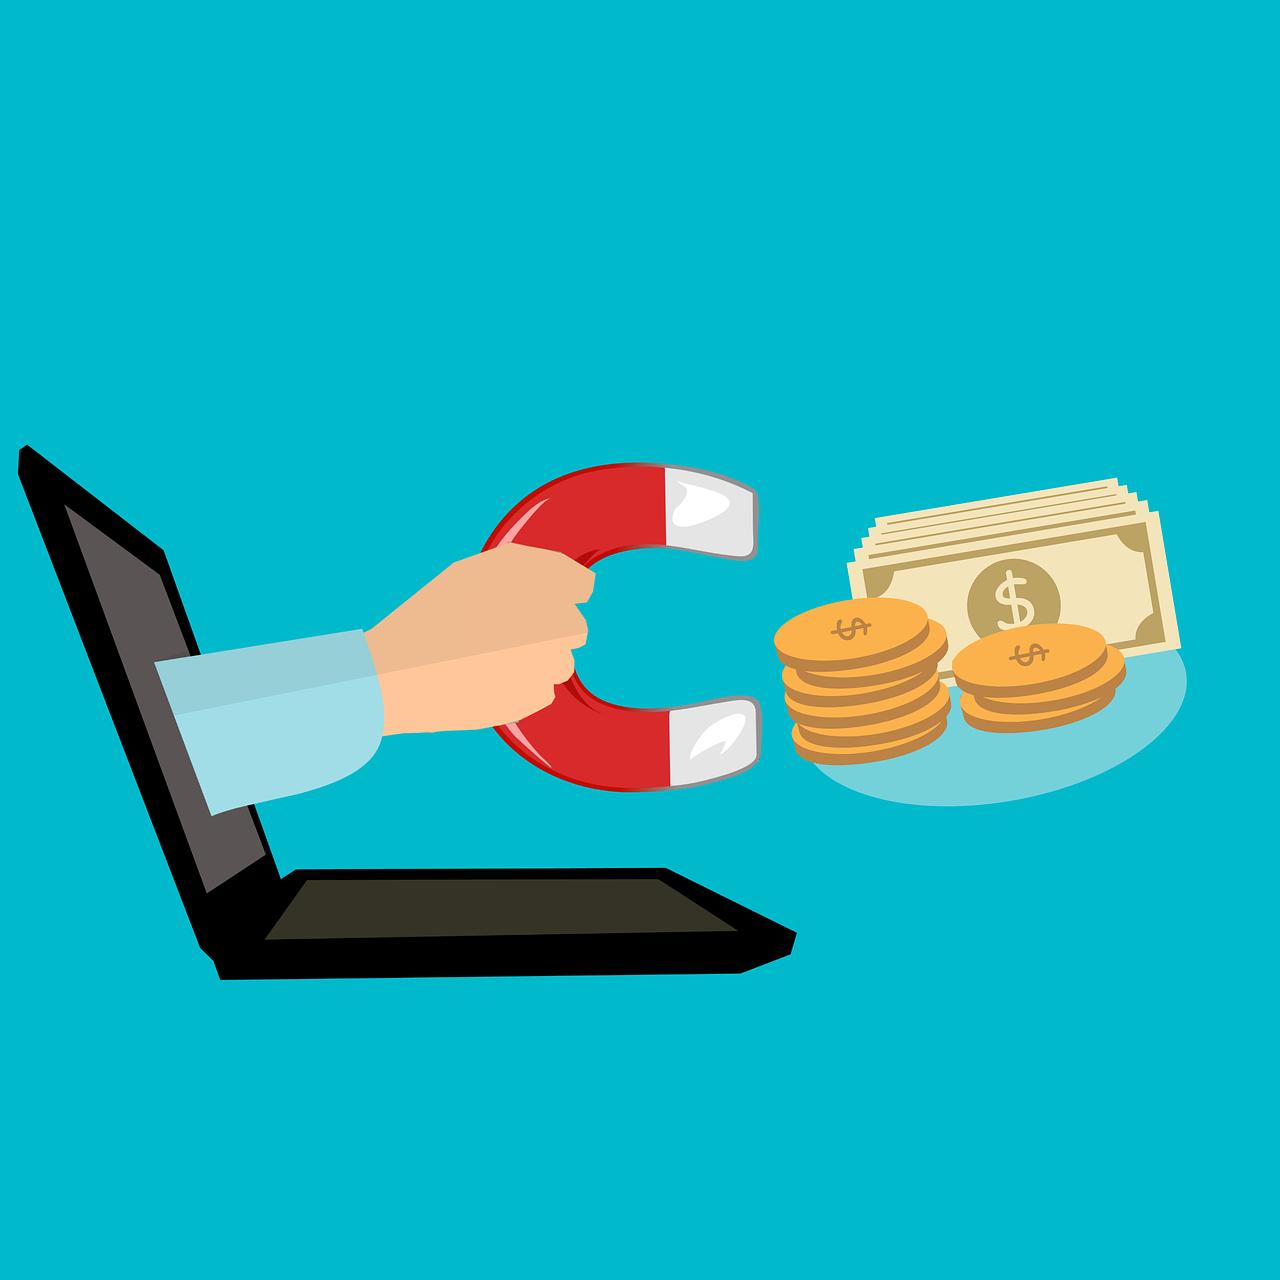 Saiba como ganhar dinheiro na crise com o marketing digital